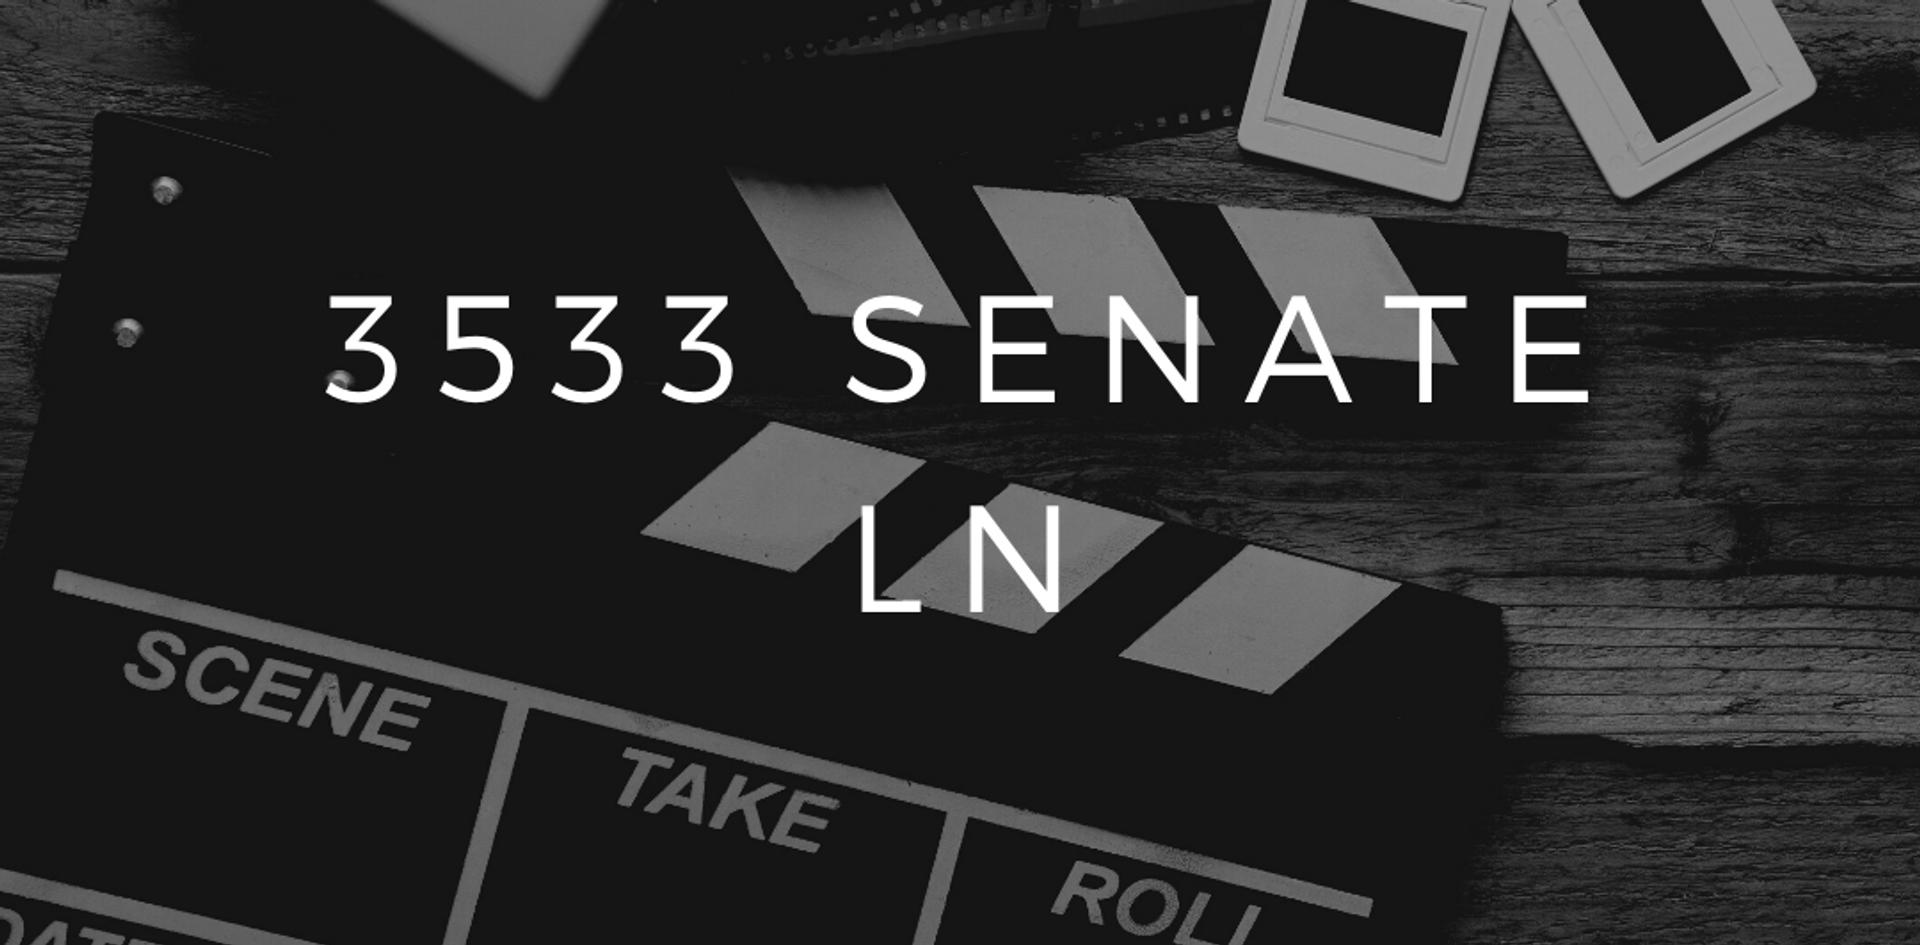 3533 Senate Ln